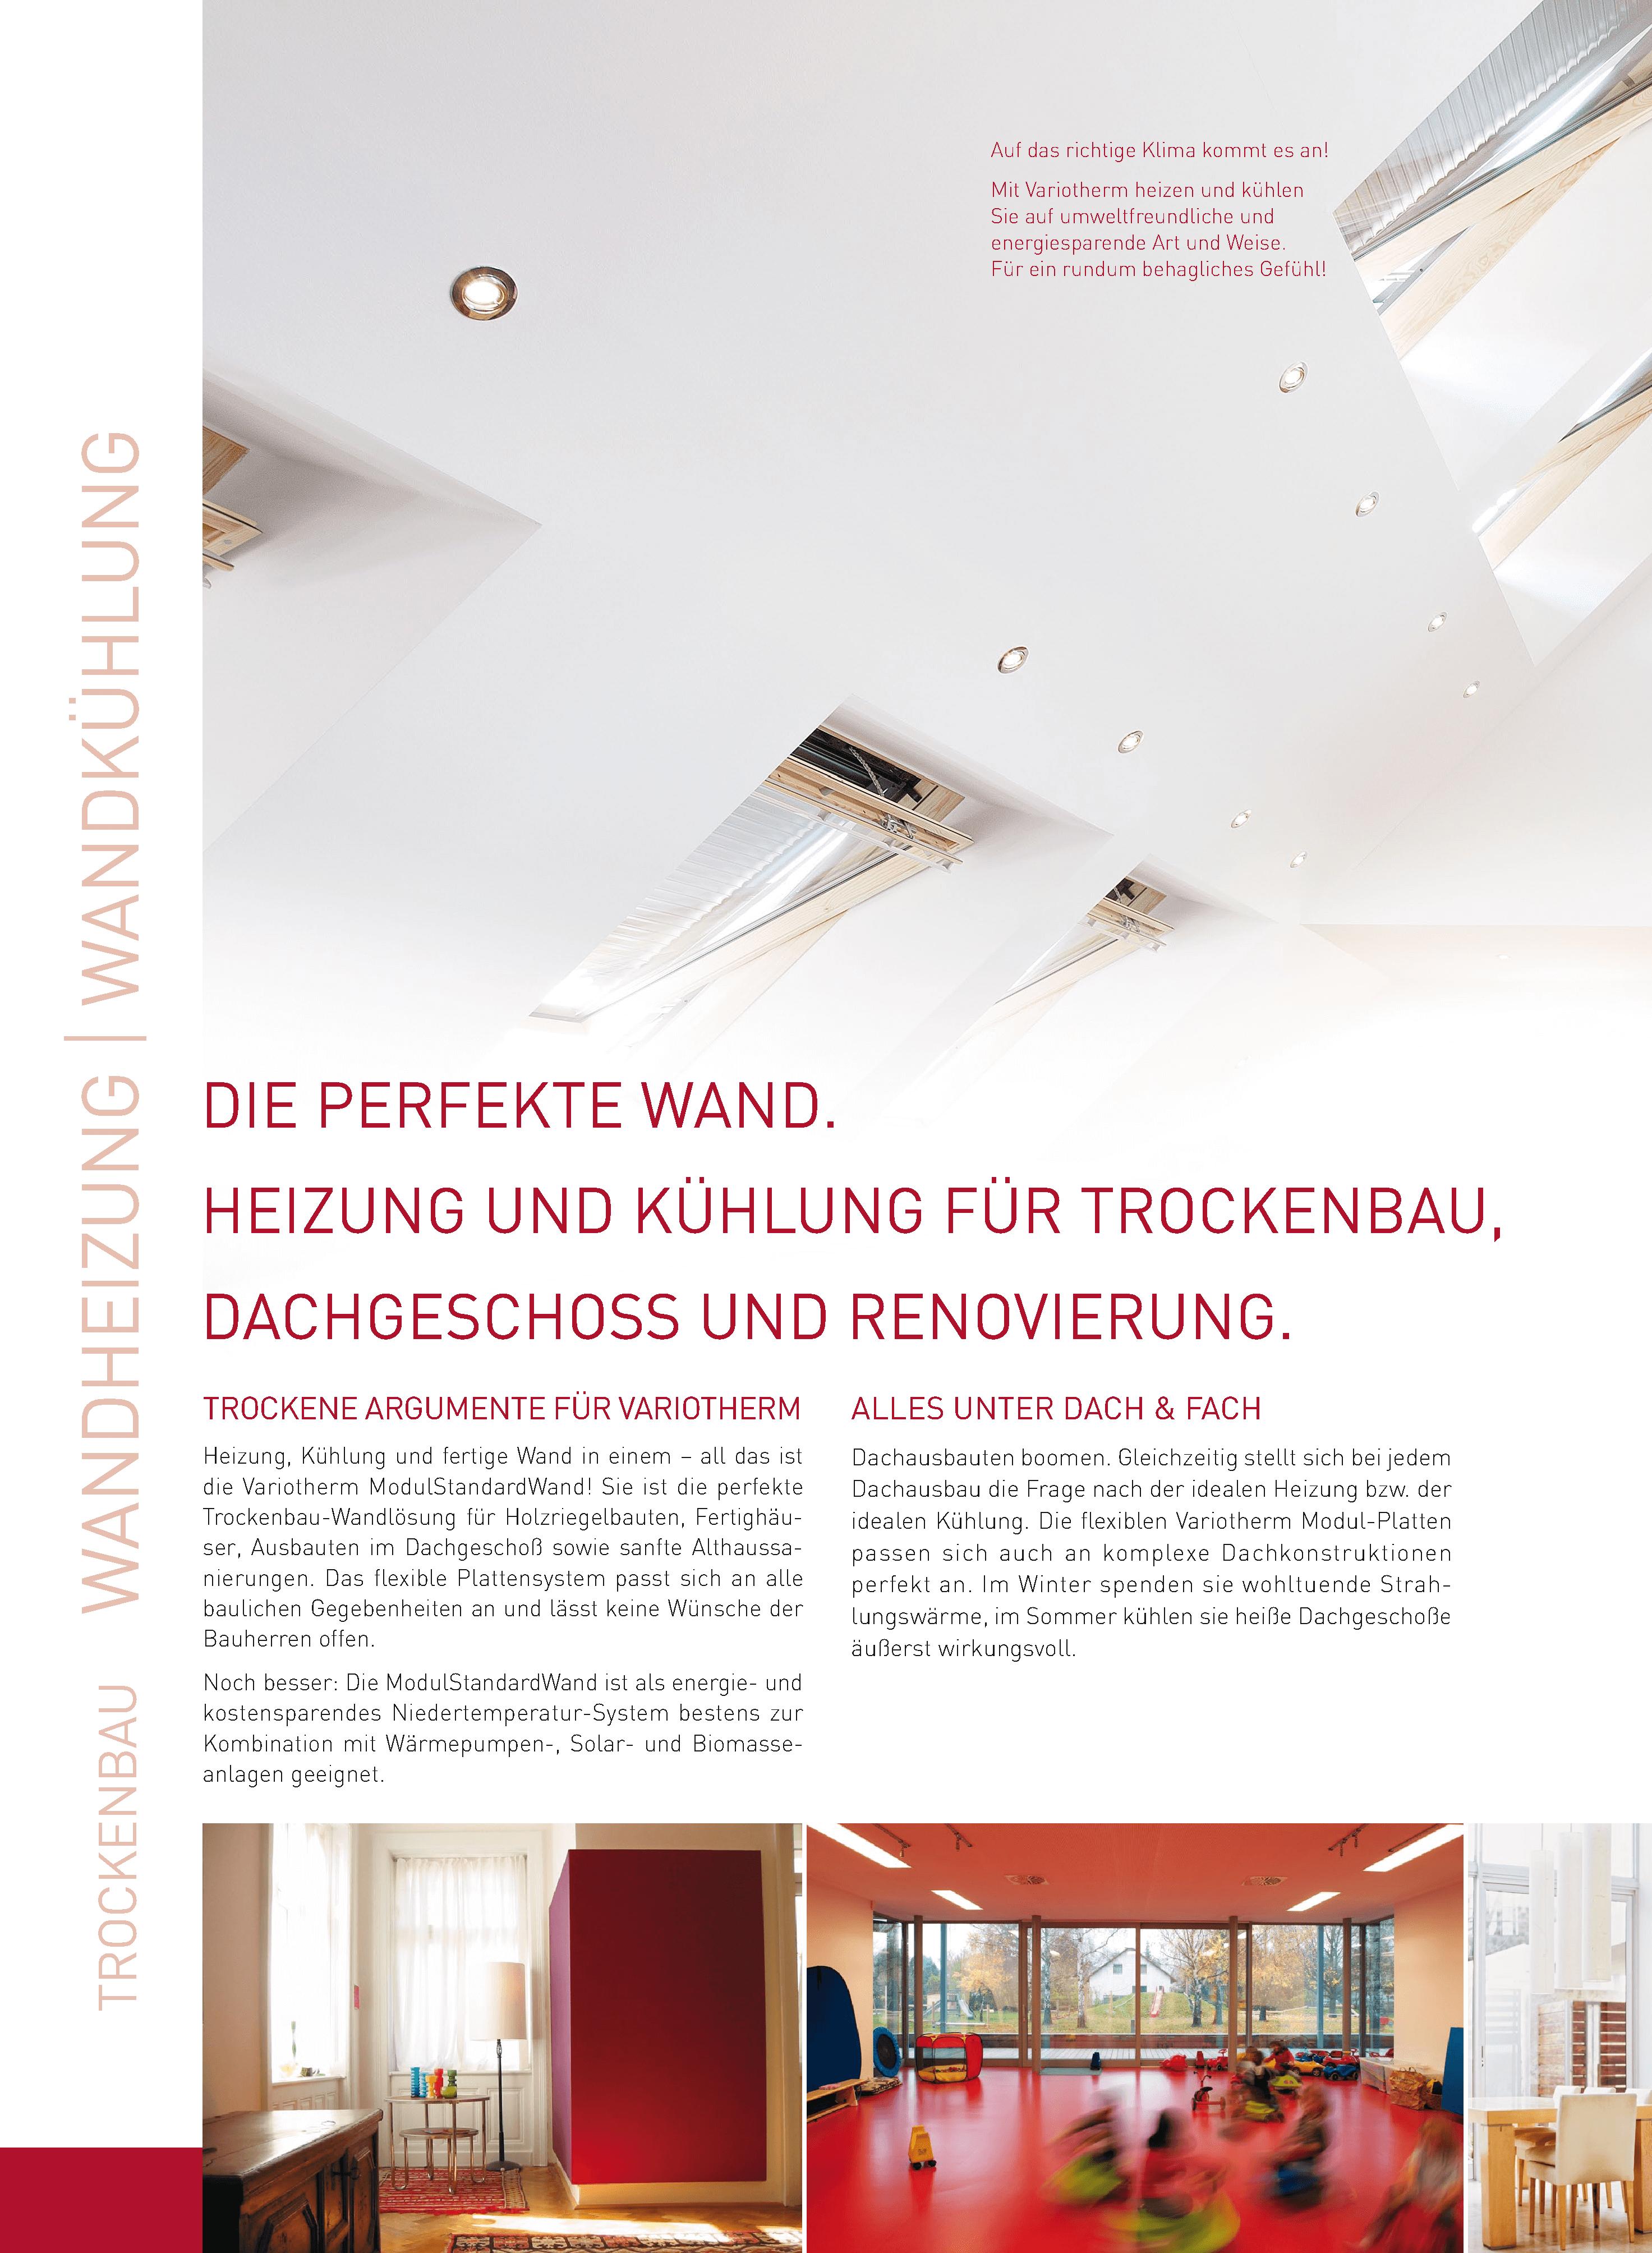 https://www.bonntech.de/wp-content/uploads/2014/04/MWH_Folder_AT-web_4.png